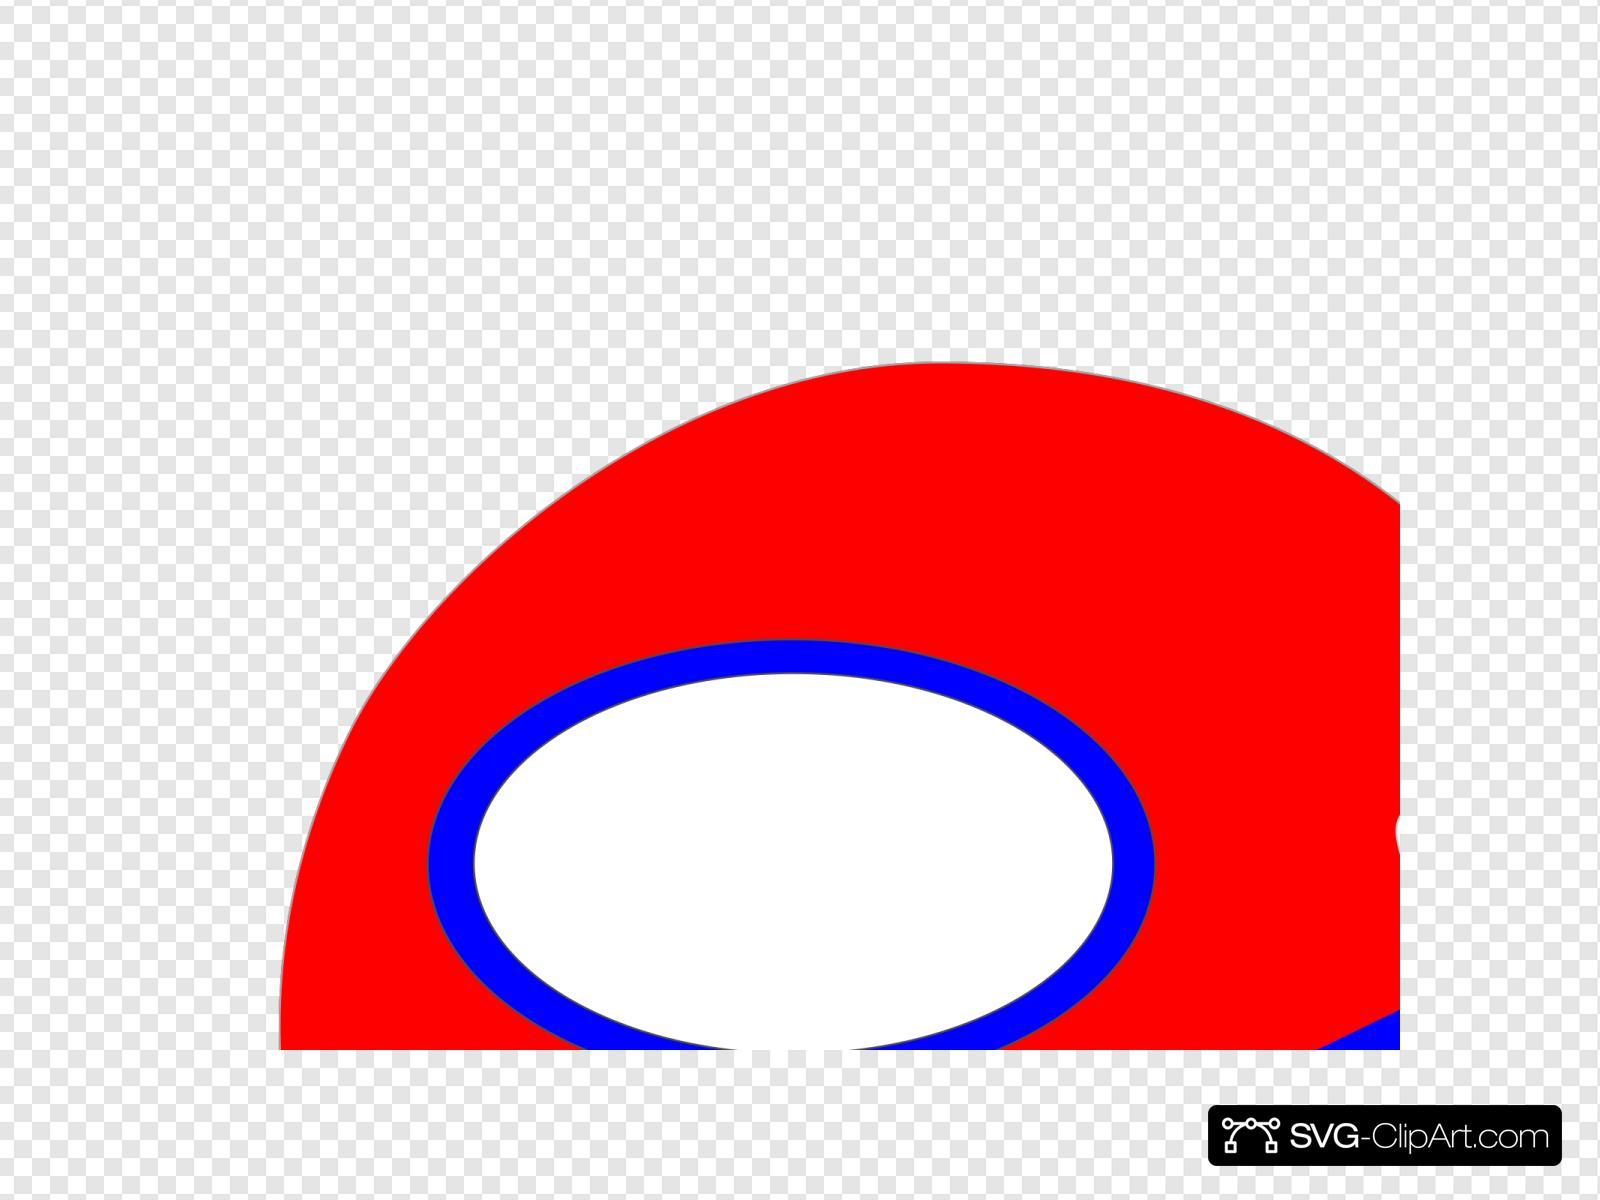 Football Helmet Nuts Svg Vector Football Helmet Nuts Clip Art Svg Clipart